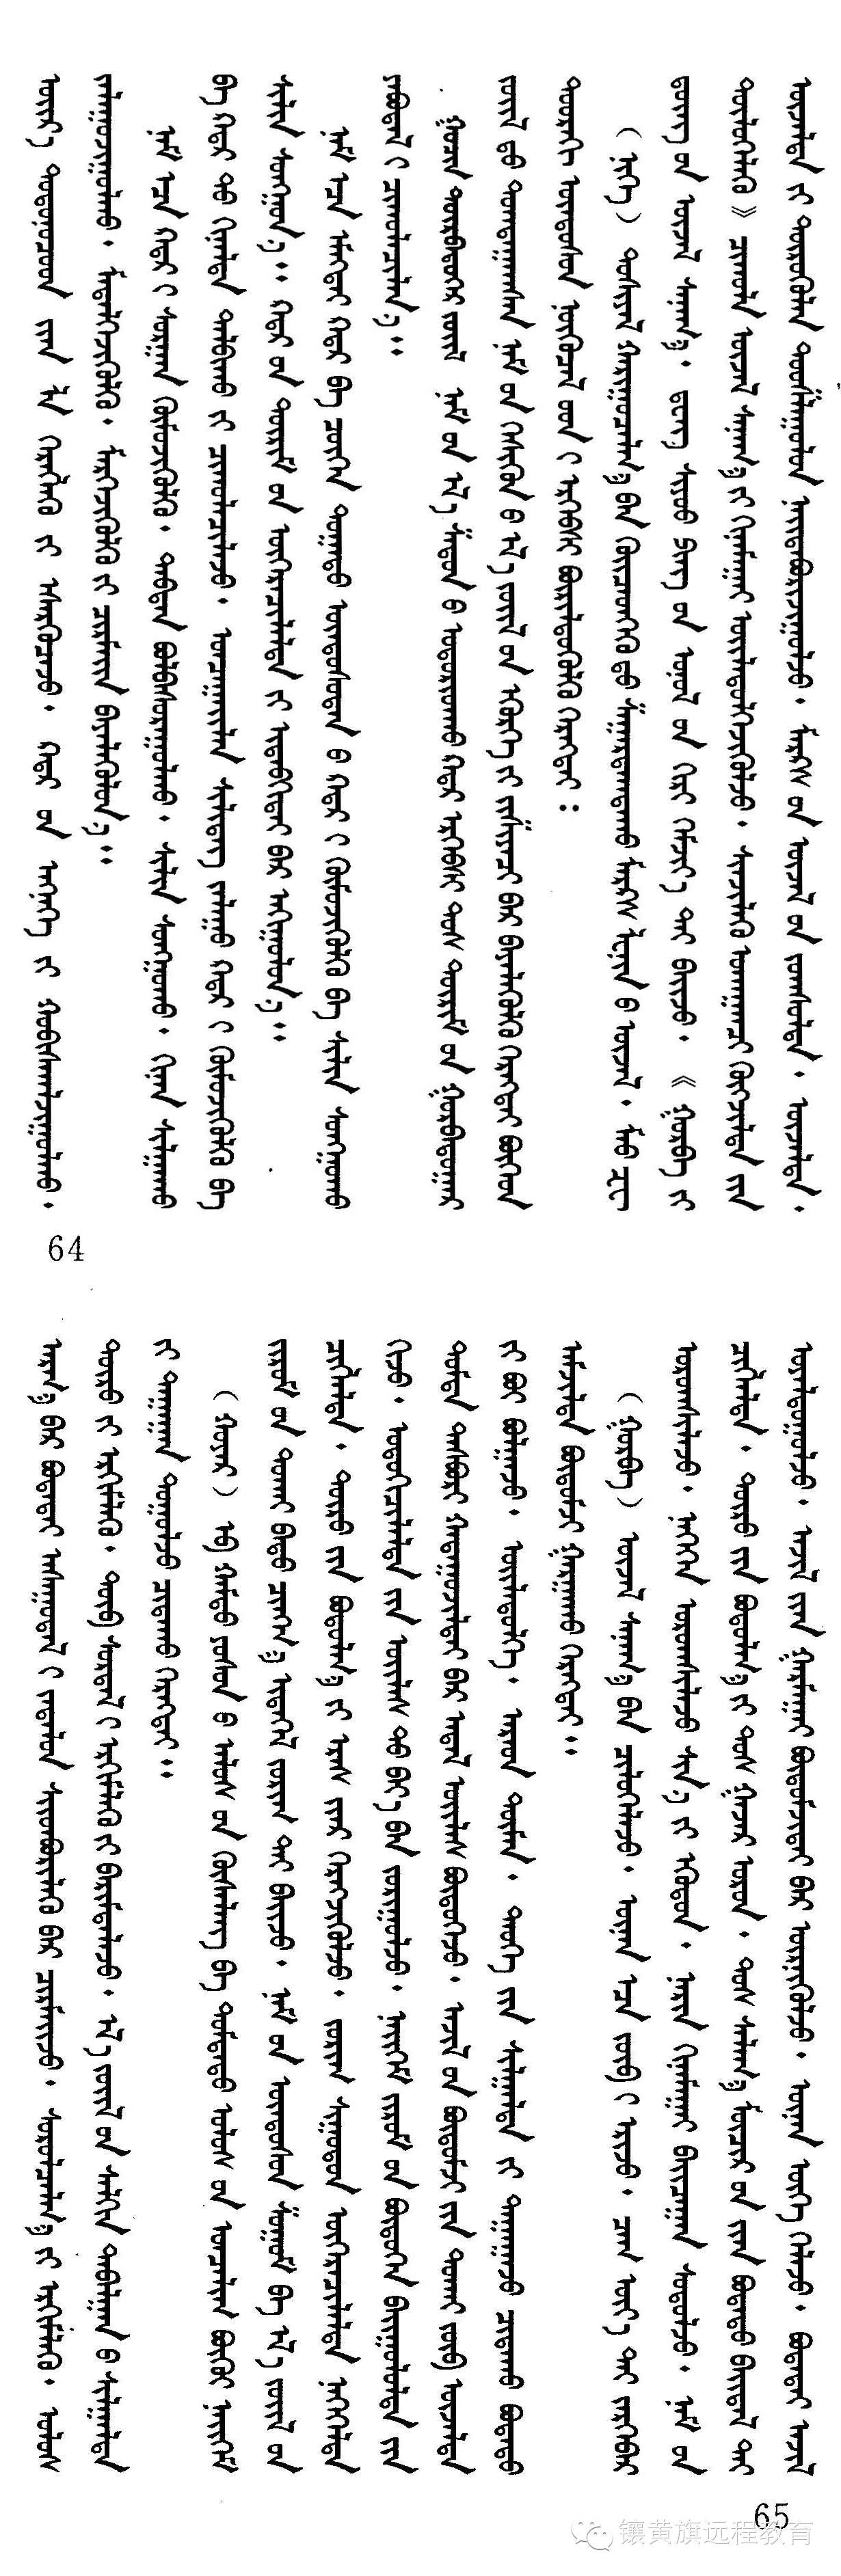 【两学一做材料】蒙文版《党章》 第18张 【两学一做材料】蒙文版《党章》 蒙古文库